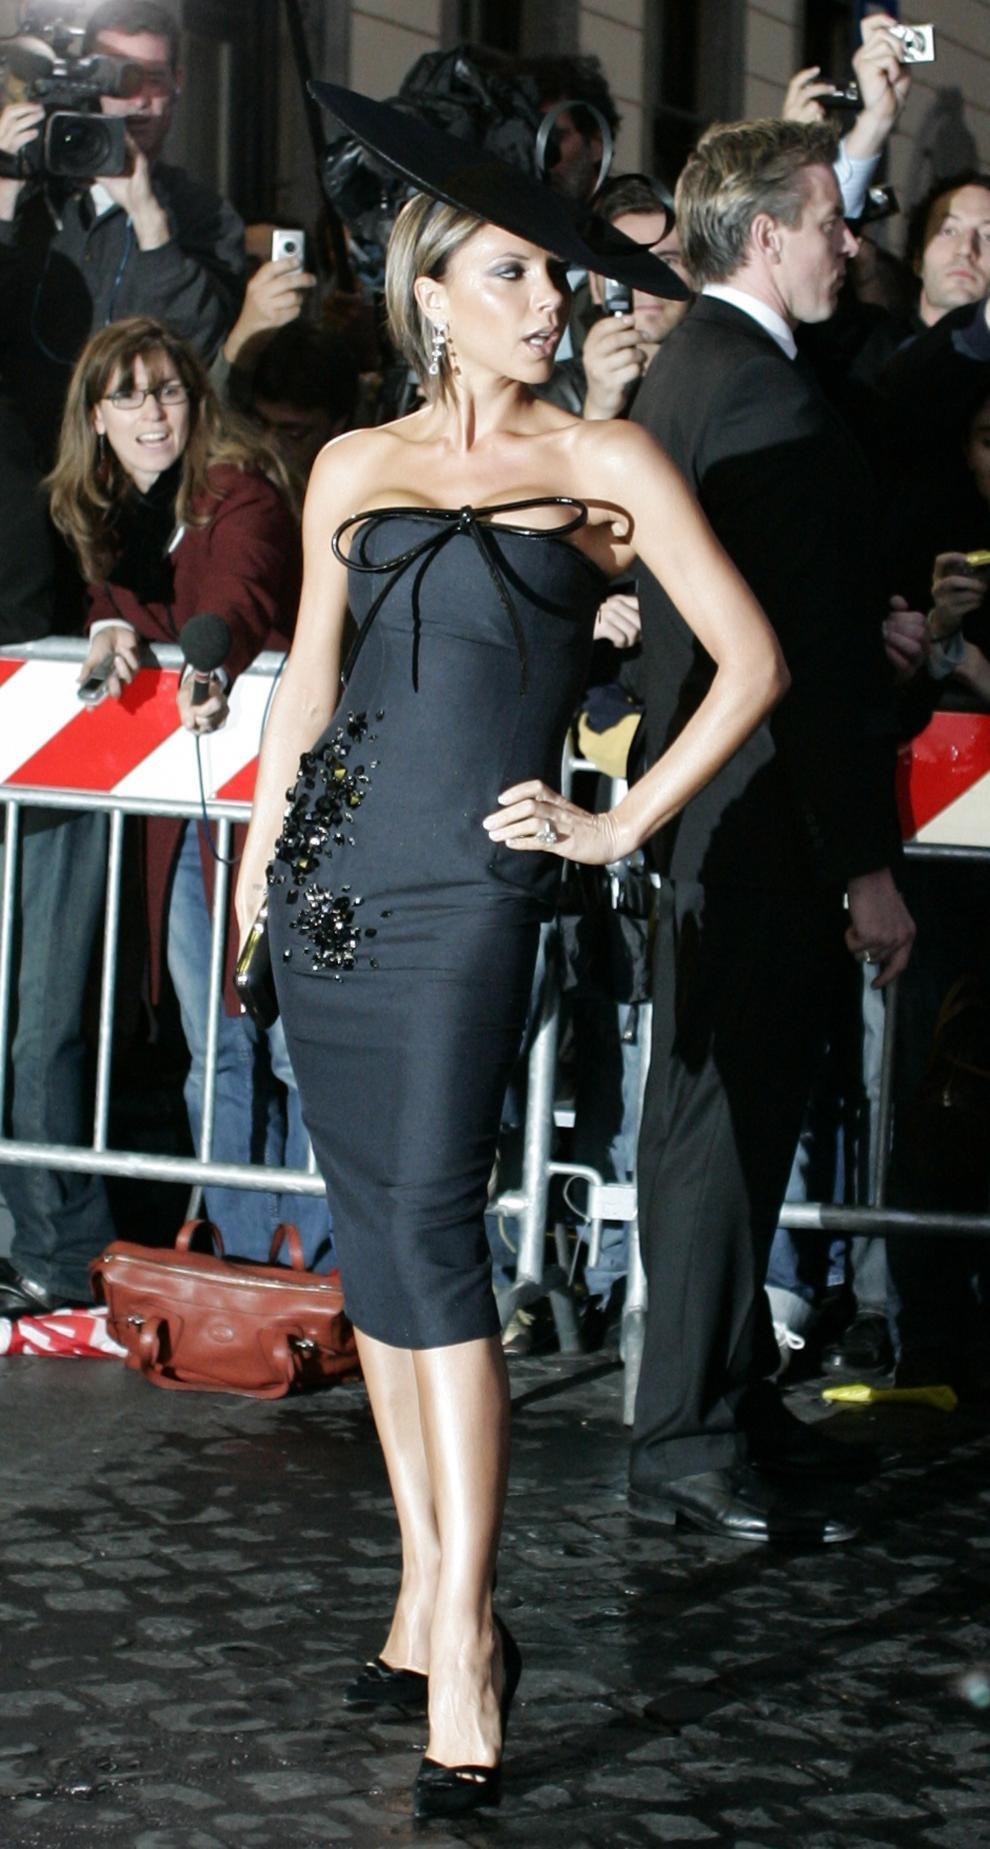 http://www.soundoffcolumn.com/images/Victoria_Beckham_wedding.JPG